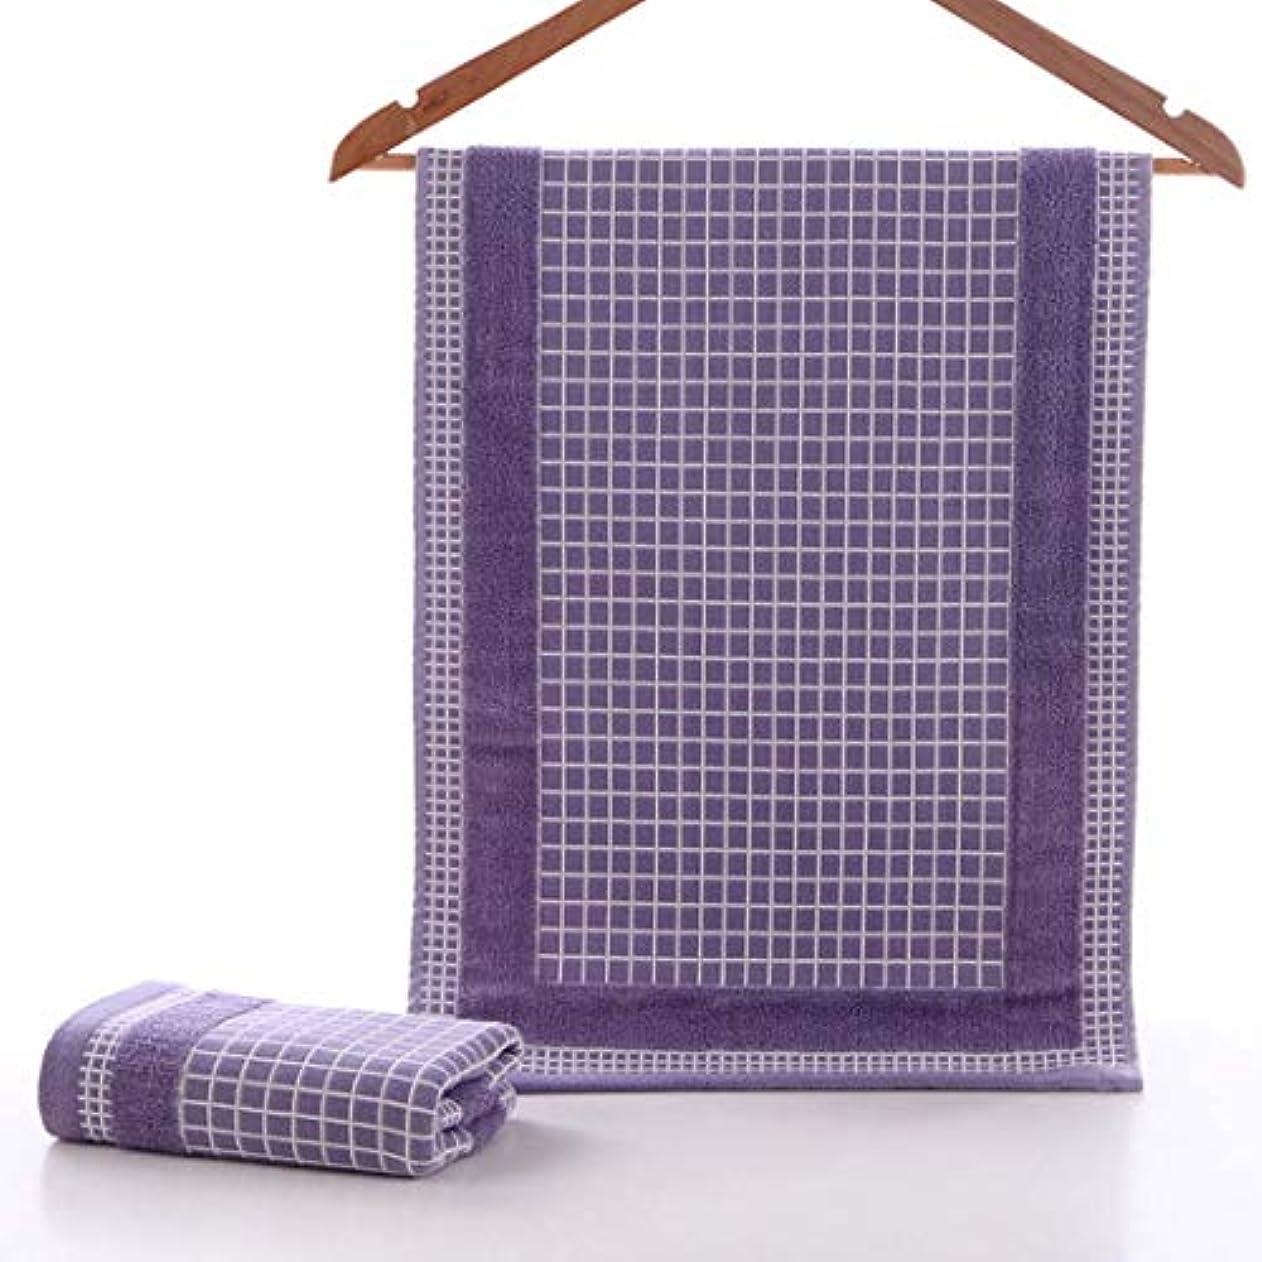 ペデスタル感謝ロマンススーパーソフトコットンタオルコットンフェイスタオル吸収性フェイスタオル,Purple,34*75